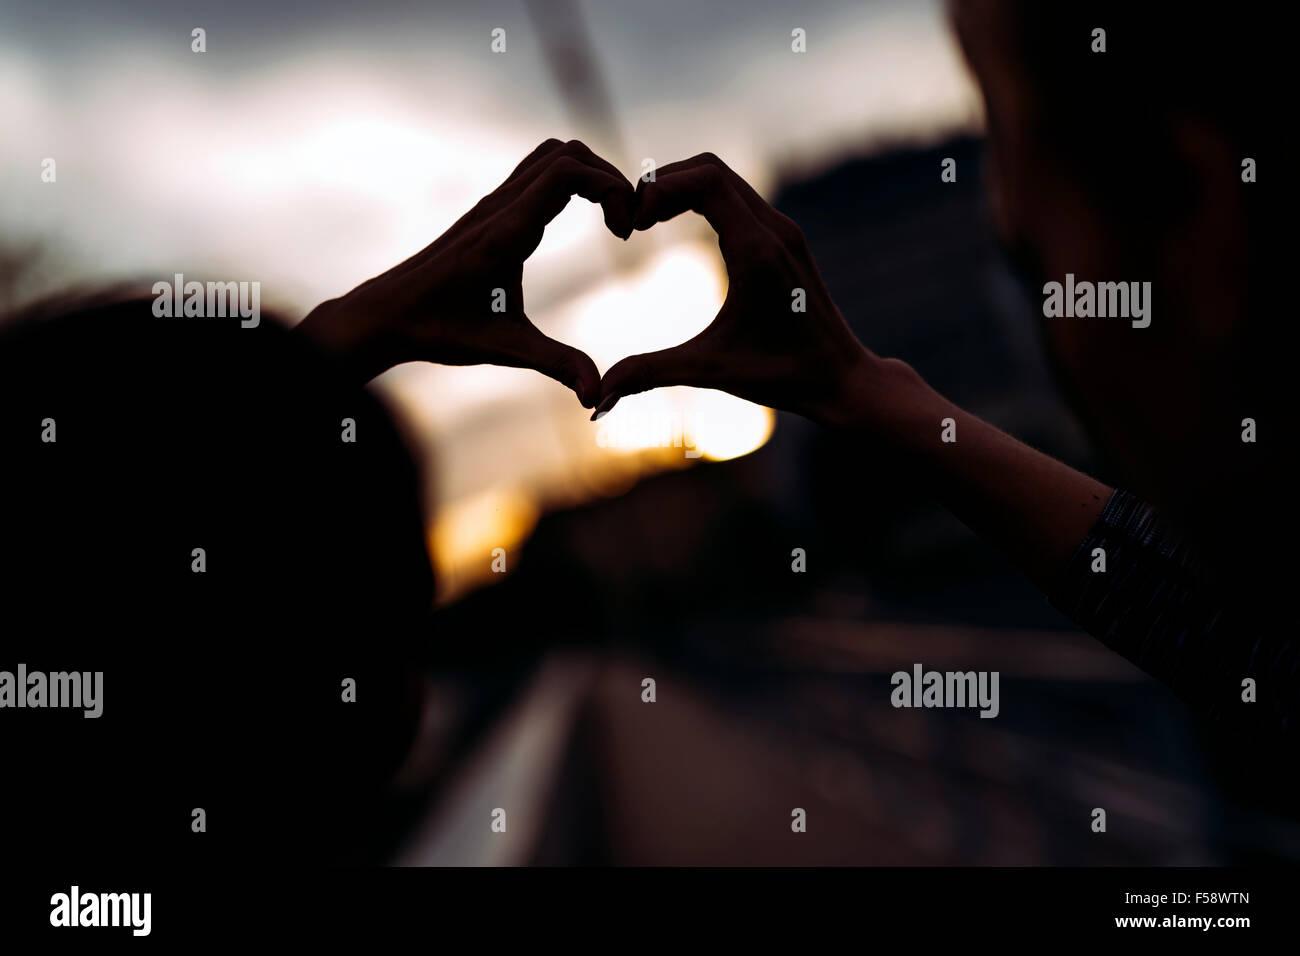 Silhouette di un cuore fatto a mano Immagini Stock